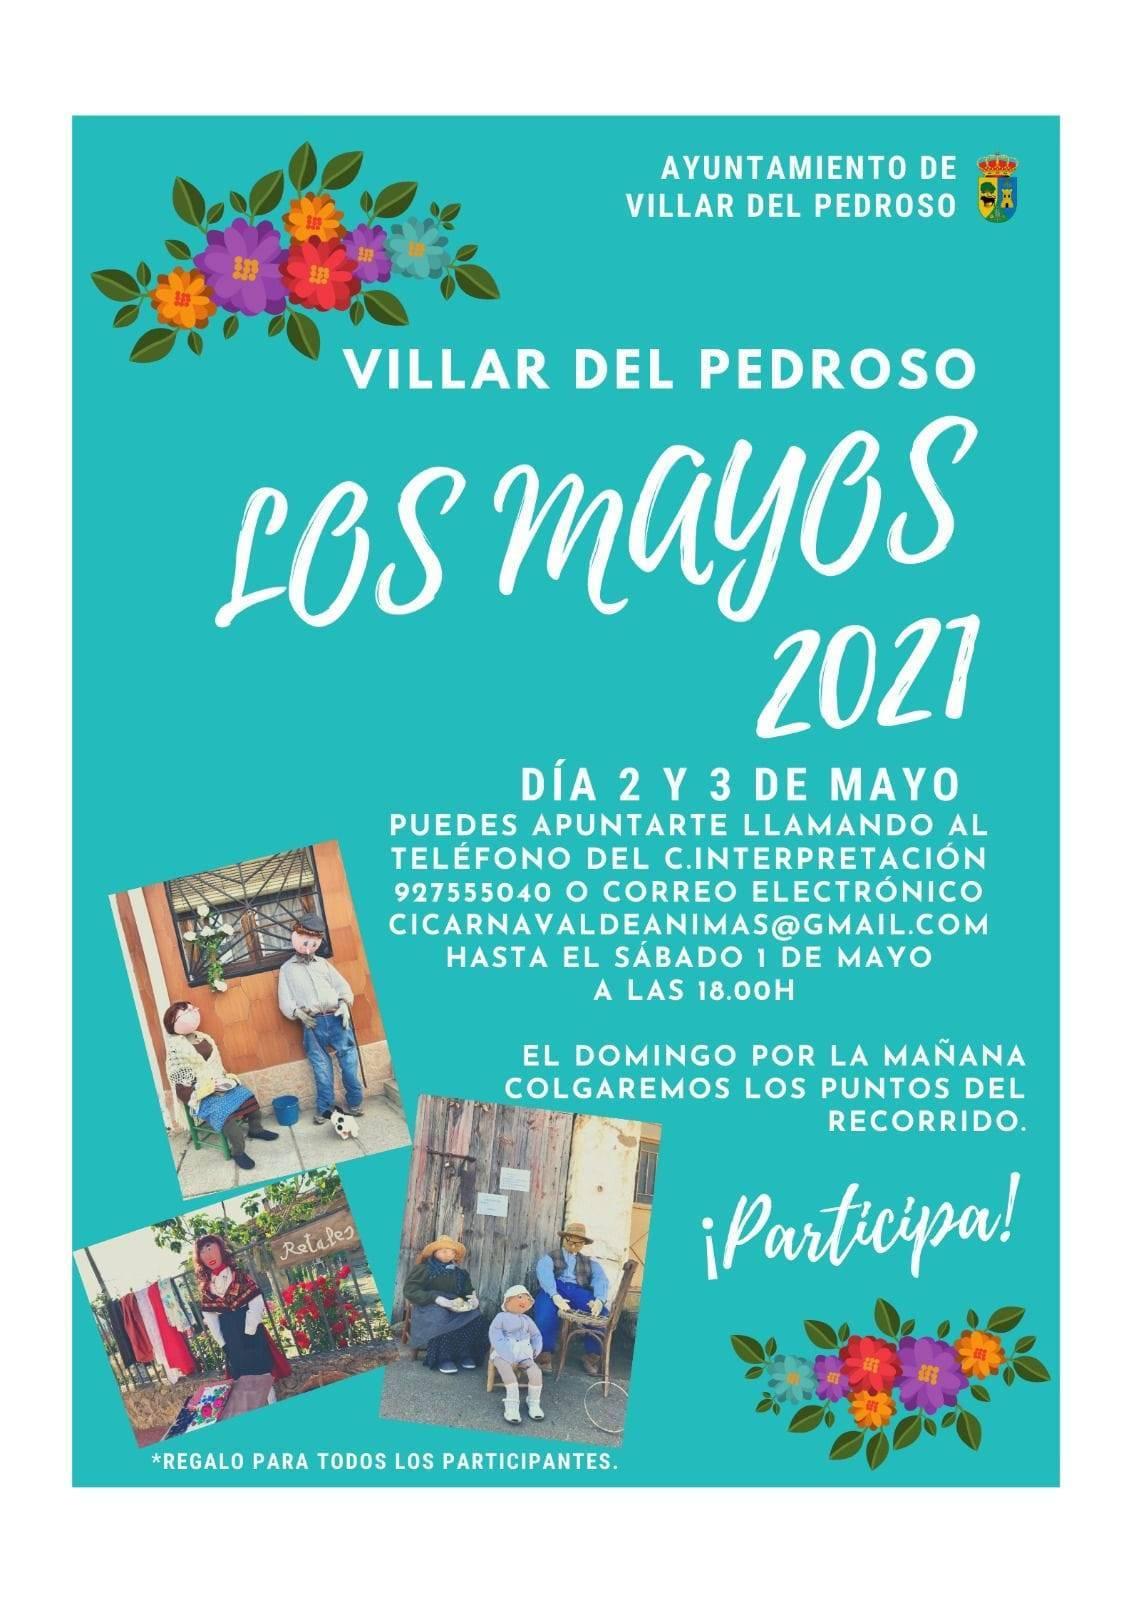 Eventos en Villar del Pedroso (Cáceres) | Cadena Silva